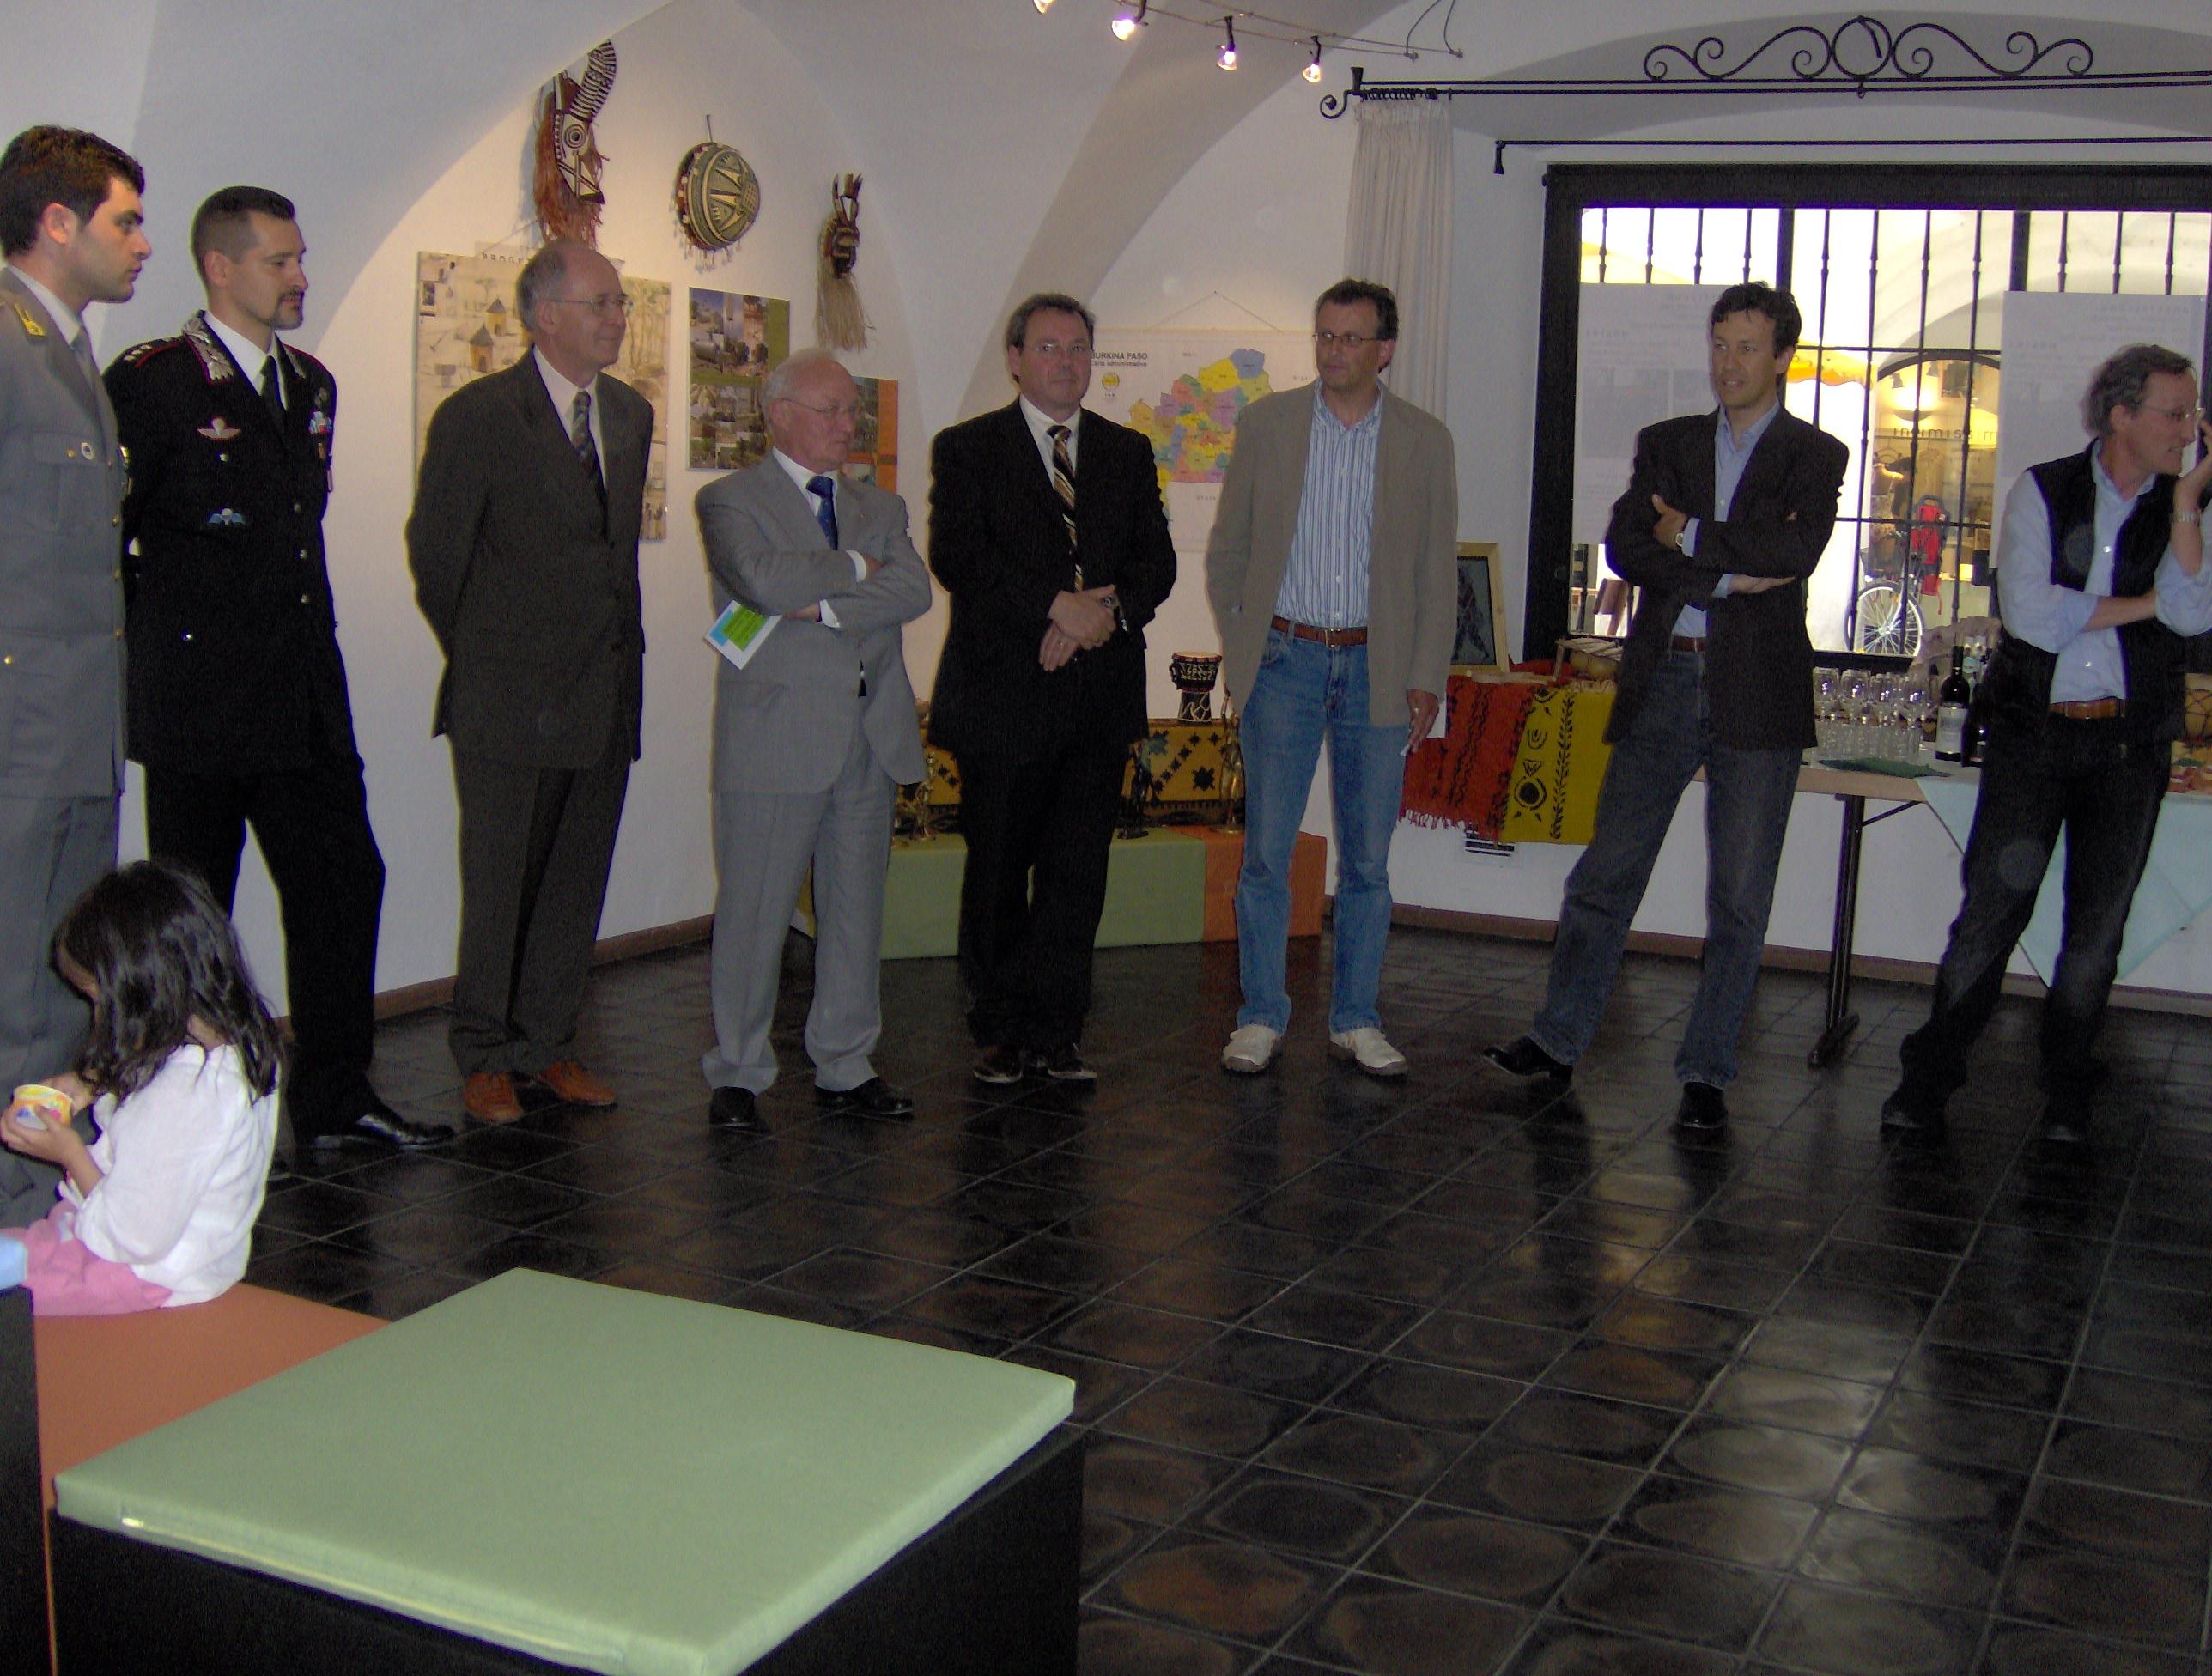 2007 Mostra tre mondi